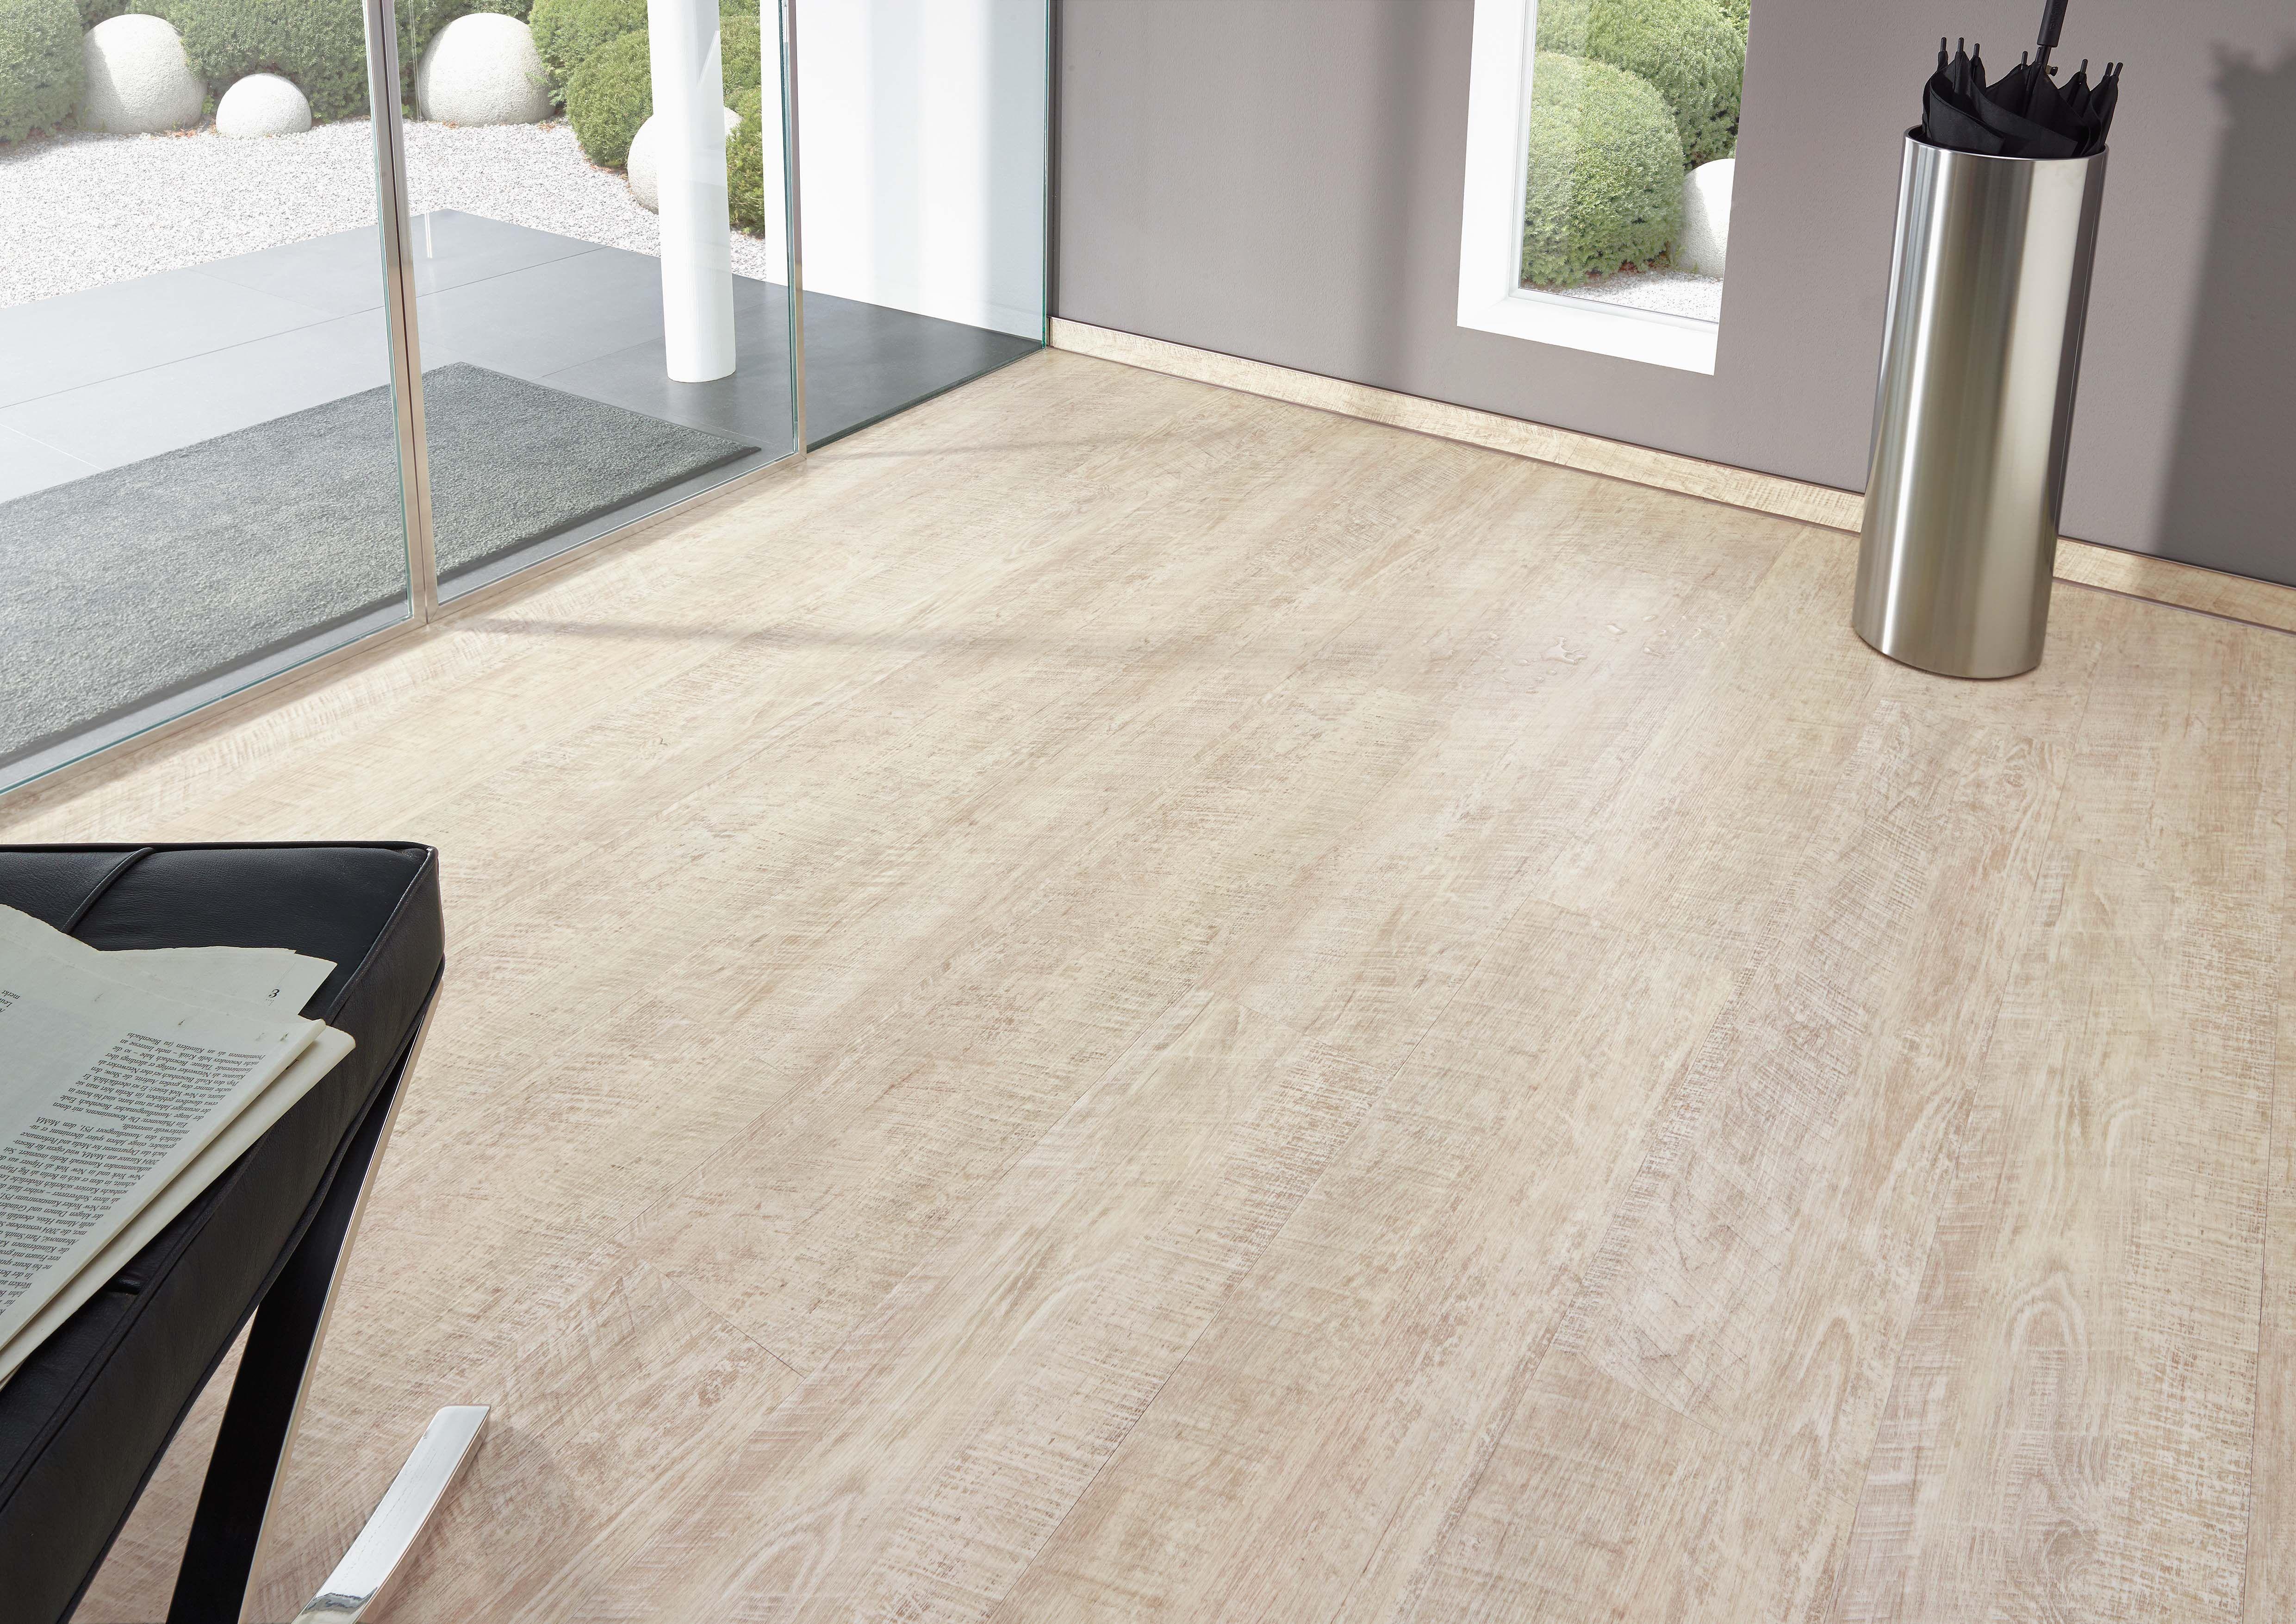 Hallway floor with design floor lvt luxury vinyl tiles from jab hallway floor with design floor lvt luxury vinyl tiles from jab anstoetz dailygadgetfo Gallery